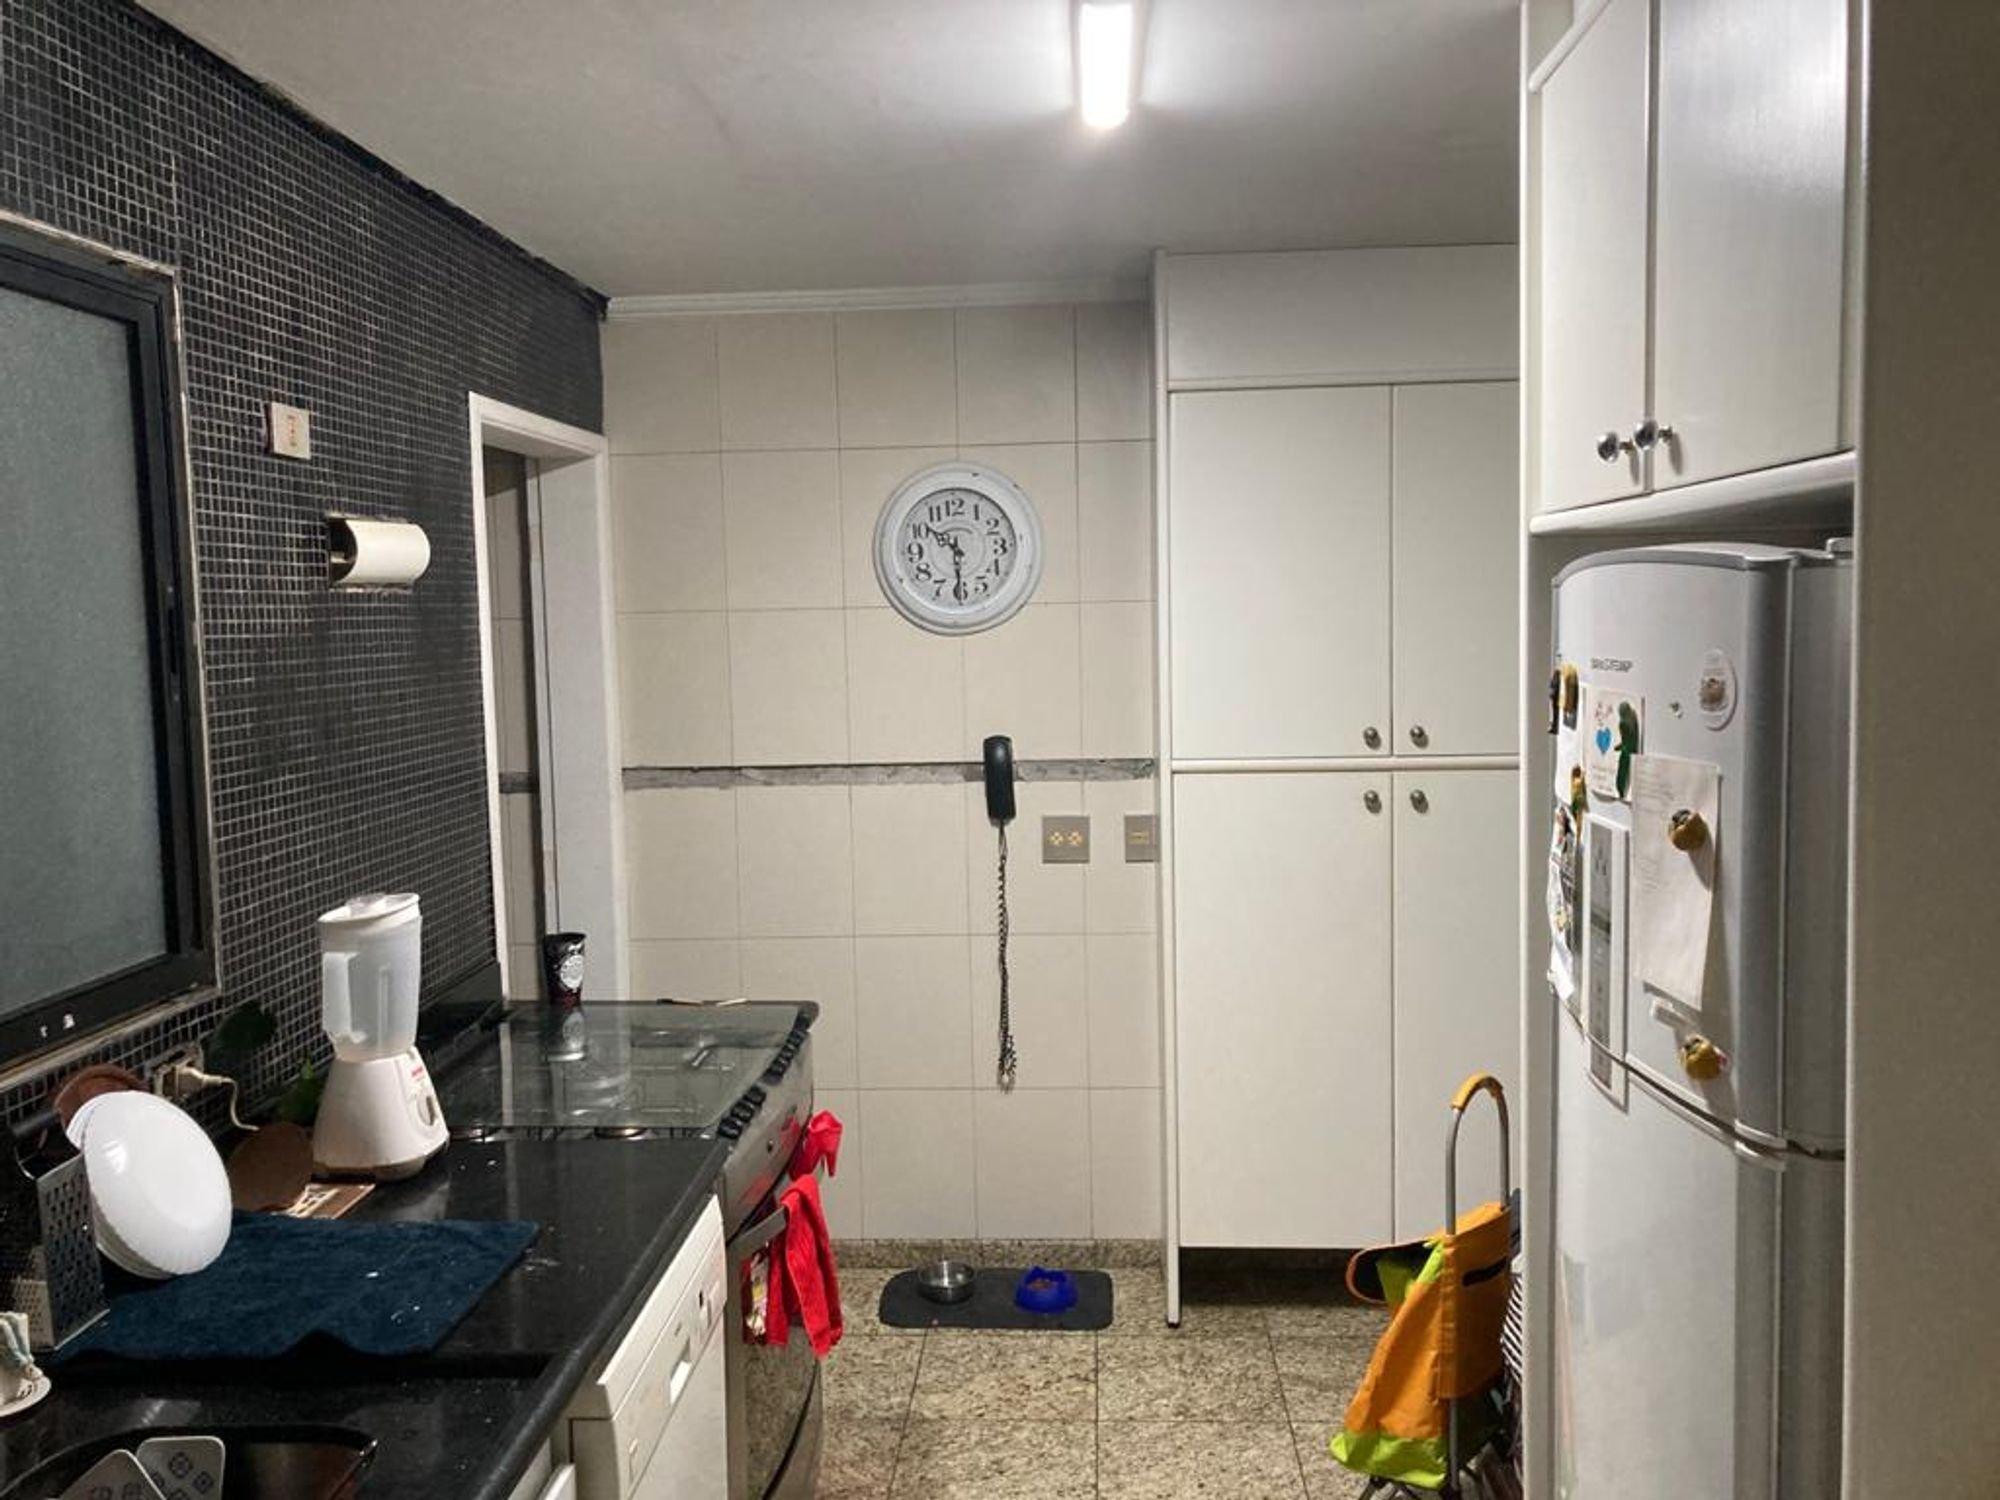 Foto de Cozinha com geladeira, relógio